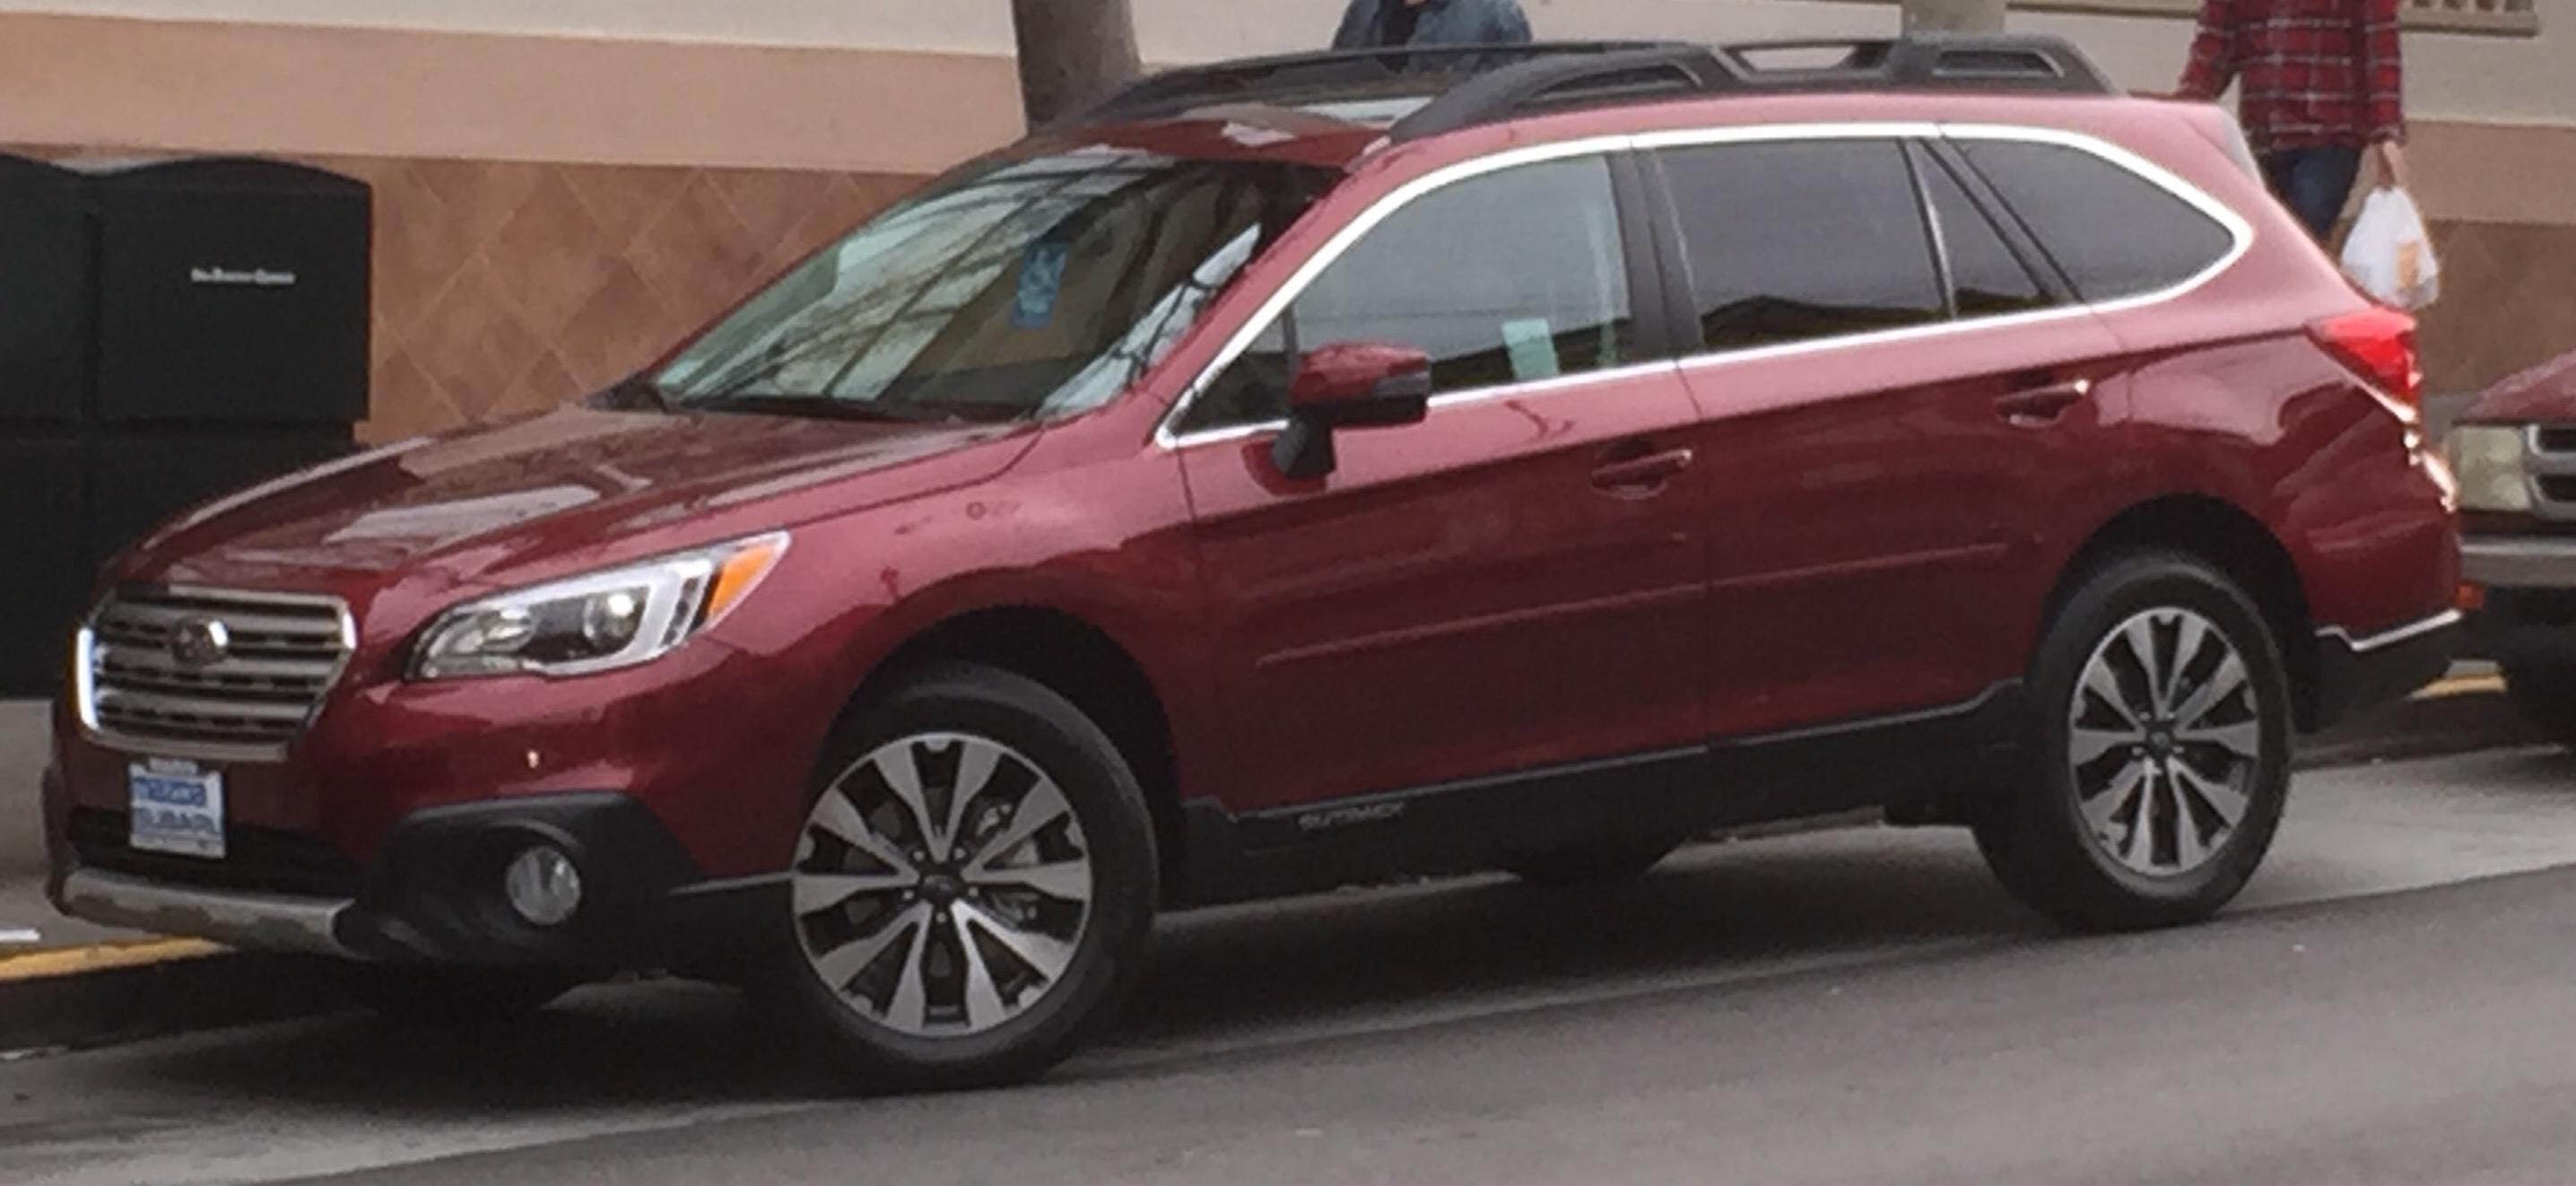 Attachments Subaru Outback Subaru Outback Forums - 2018 subaru crosstrek invoice price